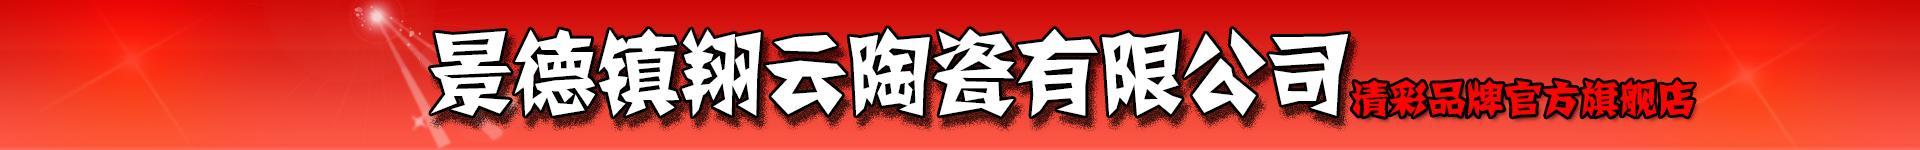 景德镇市翔云陶瓷有限公司